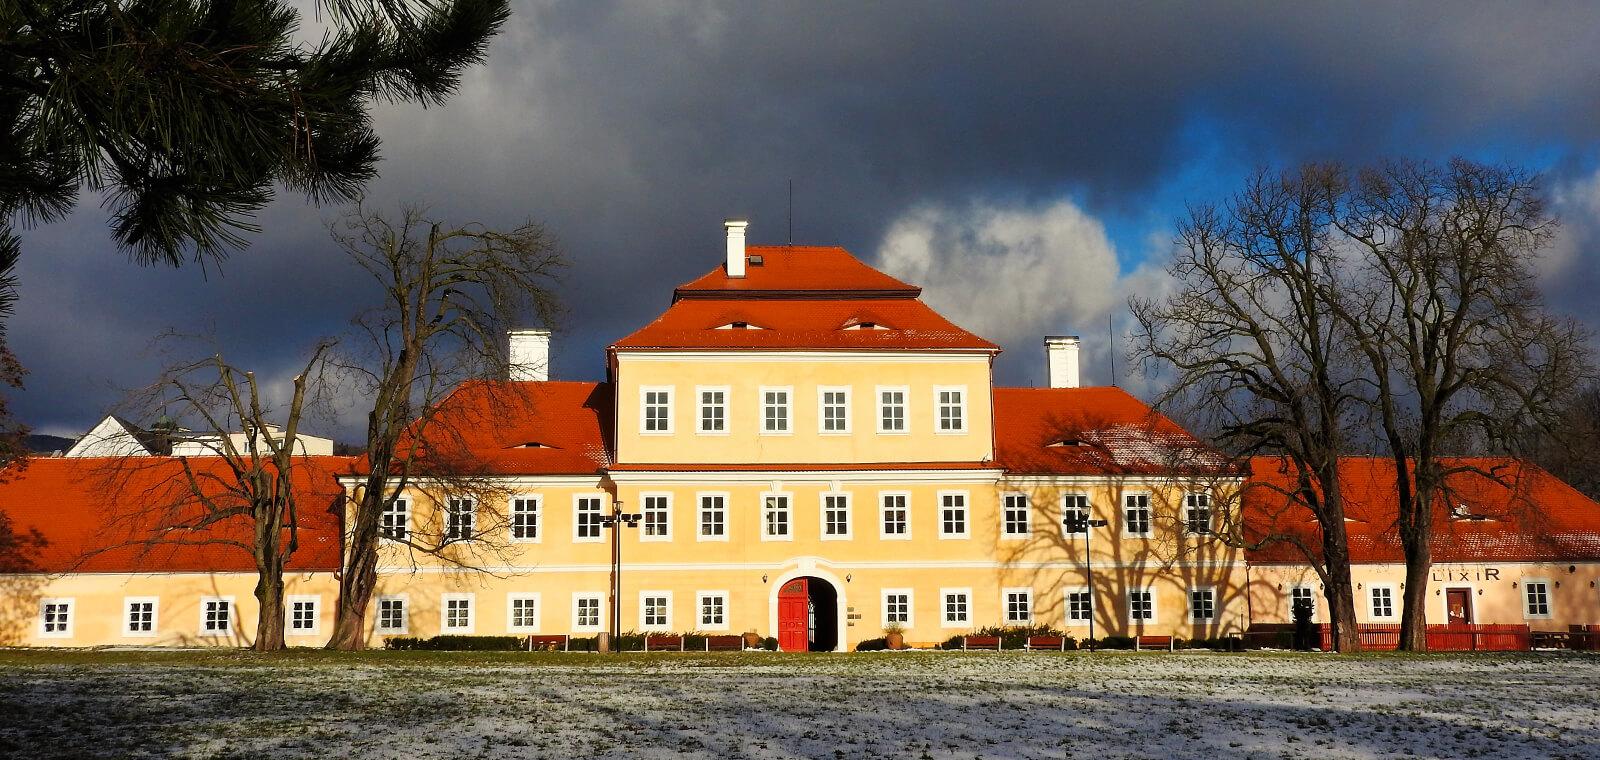 litvinov-zamek-valdstejnu-uvod.jpg